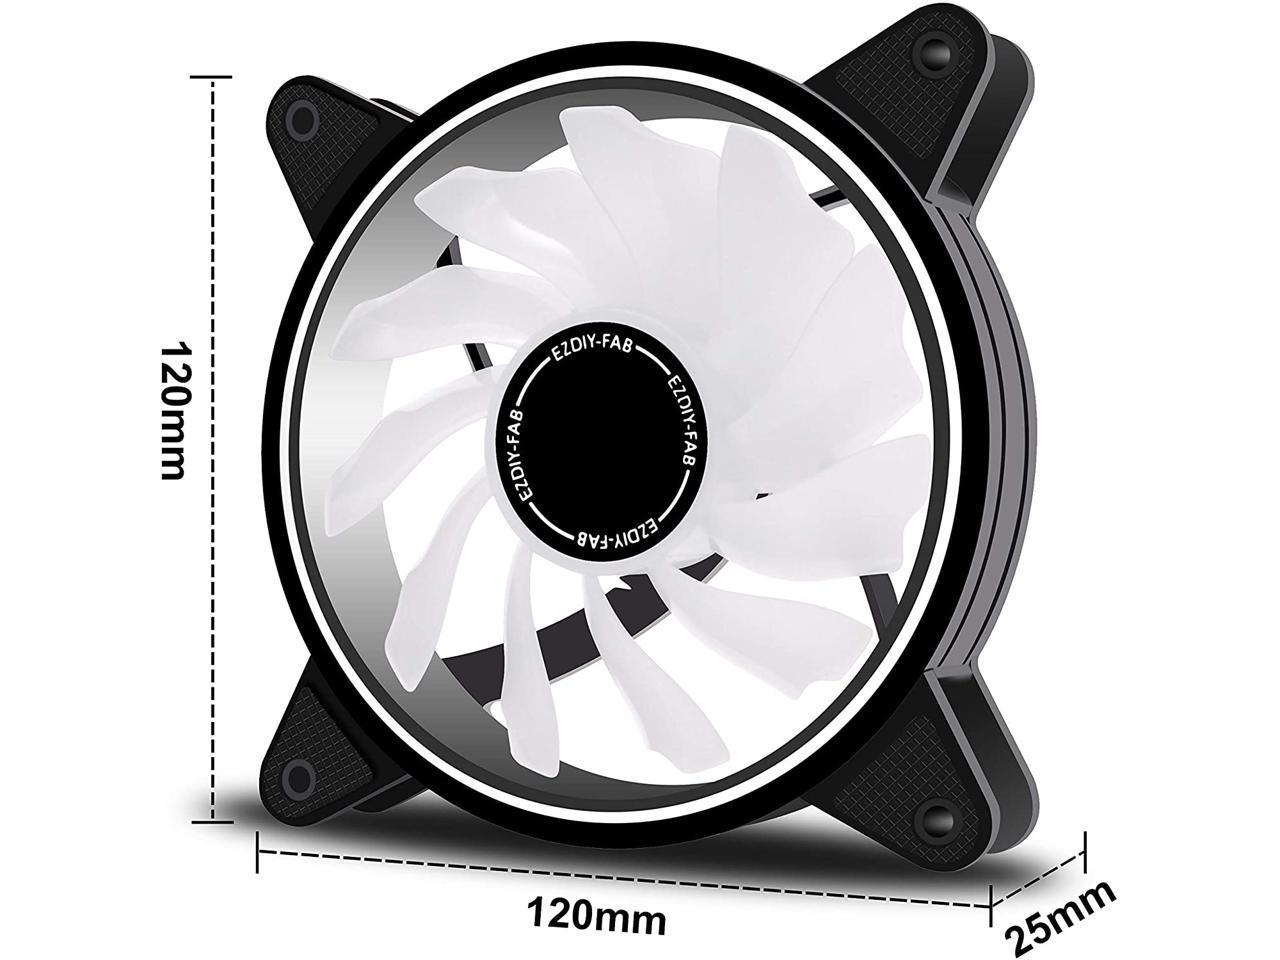 EZDIY-FAB Moonlight Ventola da 120mm RGB Case con 10-Port Fan Hub X e Telecomando,Scheda Madre Aura SYNC,Controllo della velocit/à,Ventola Indirizzabile per PC Case-Bianco 6 Pack